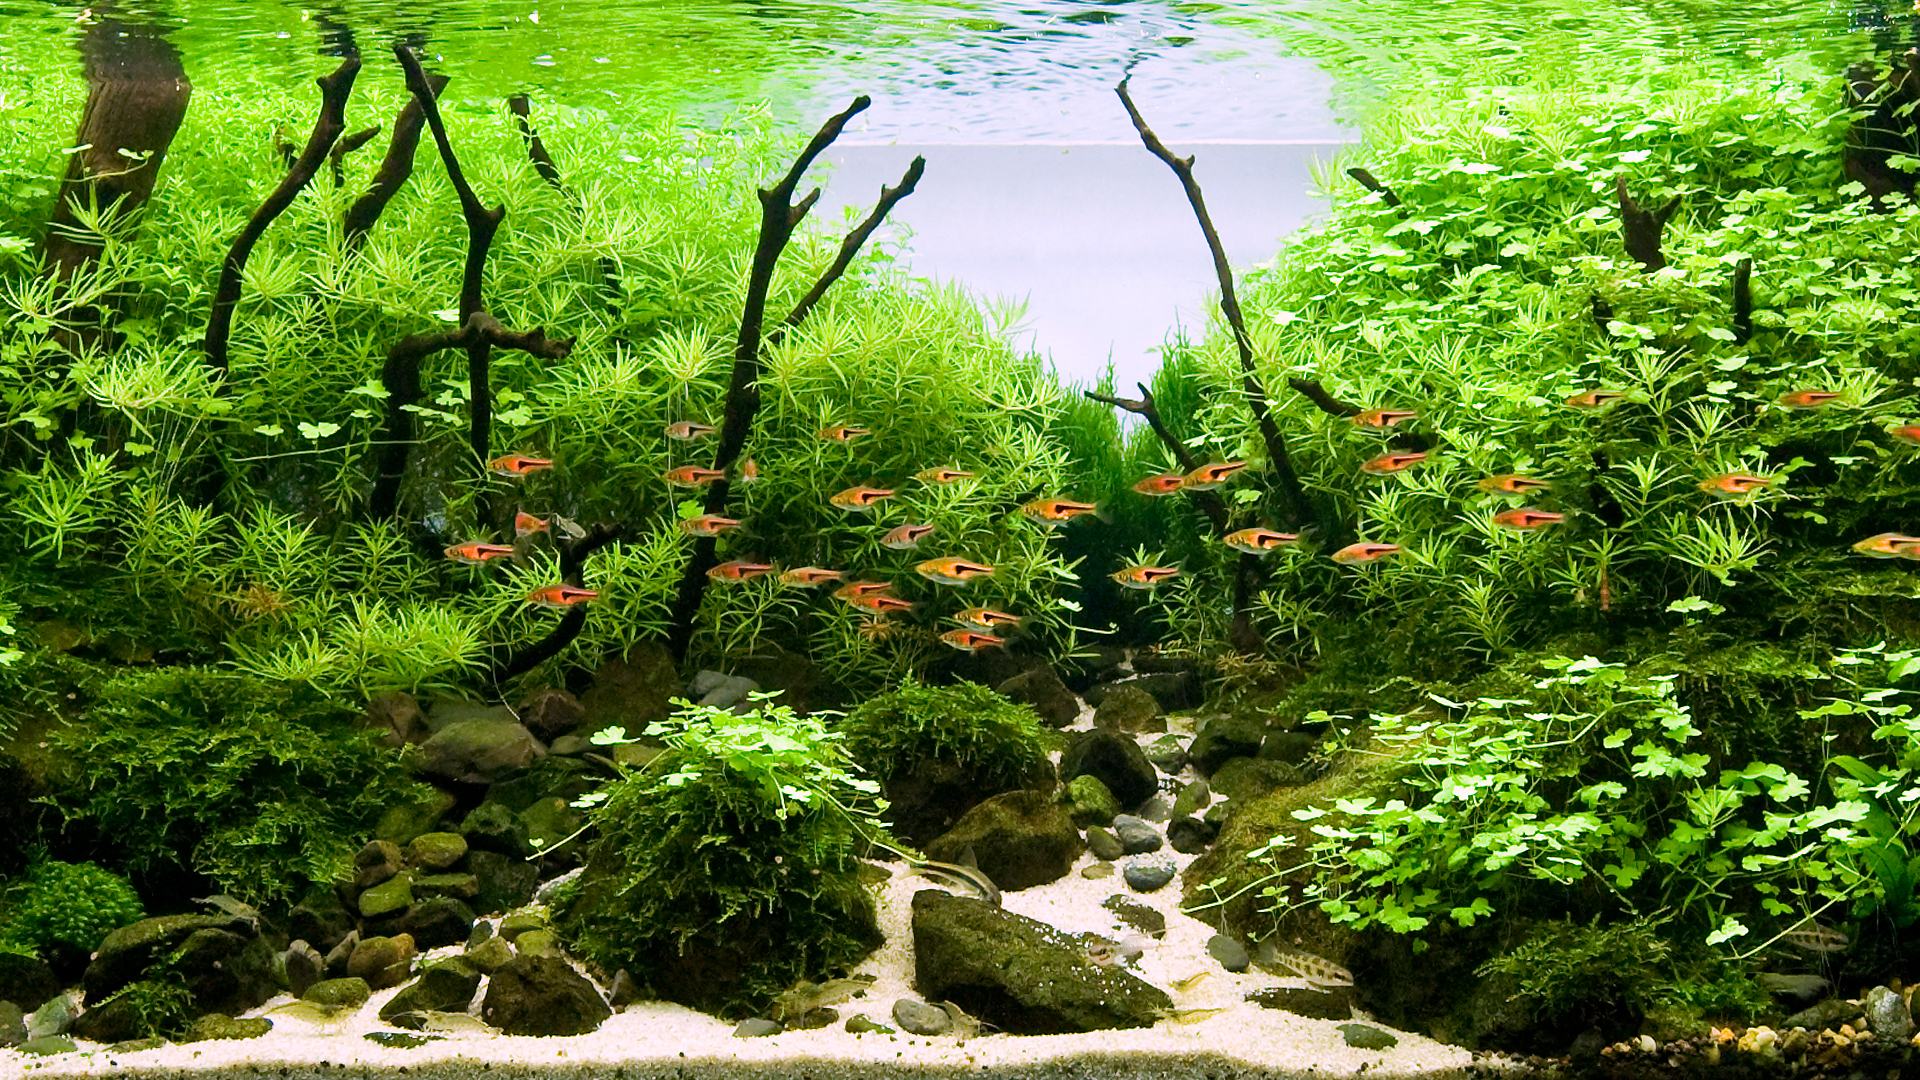 Как подготовить корягу для аквариума? Из какого можно сделать корягу